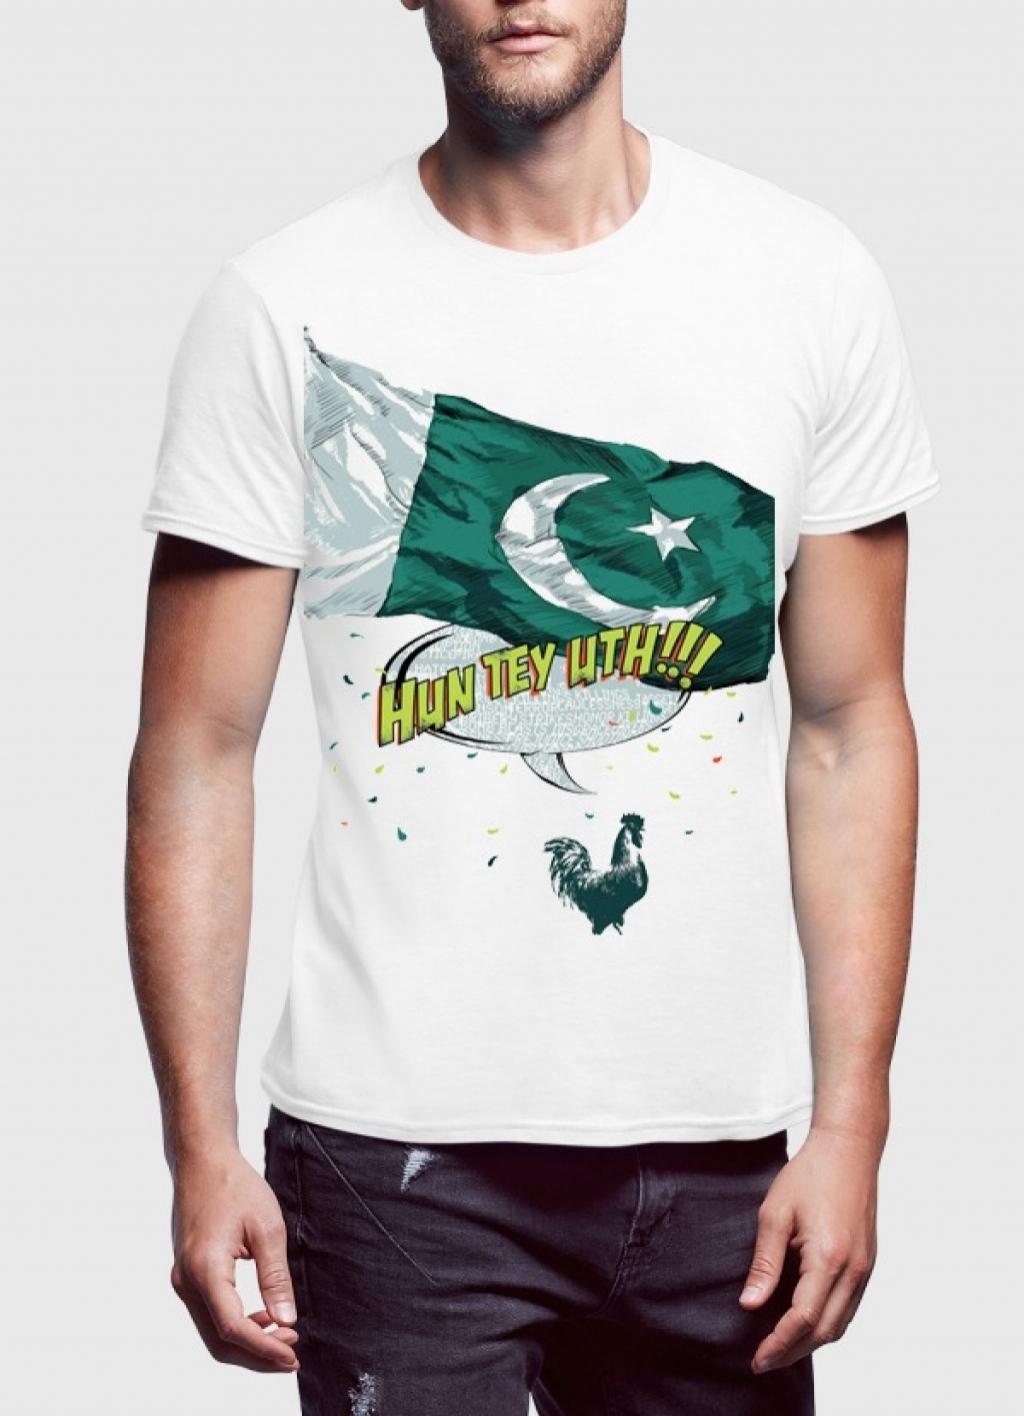 15107494080_uth-oye-pakistan.jpeg